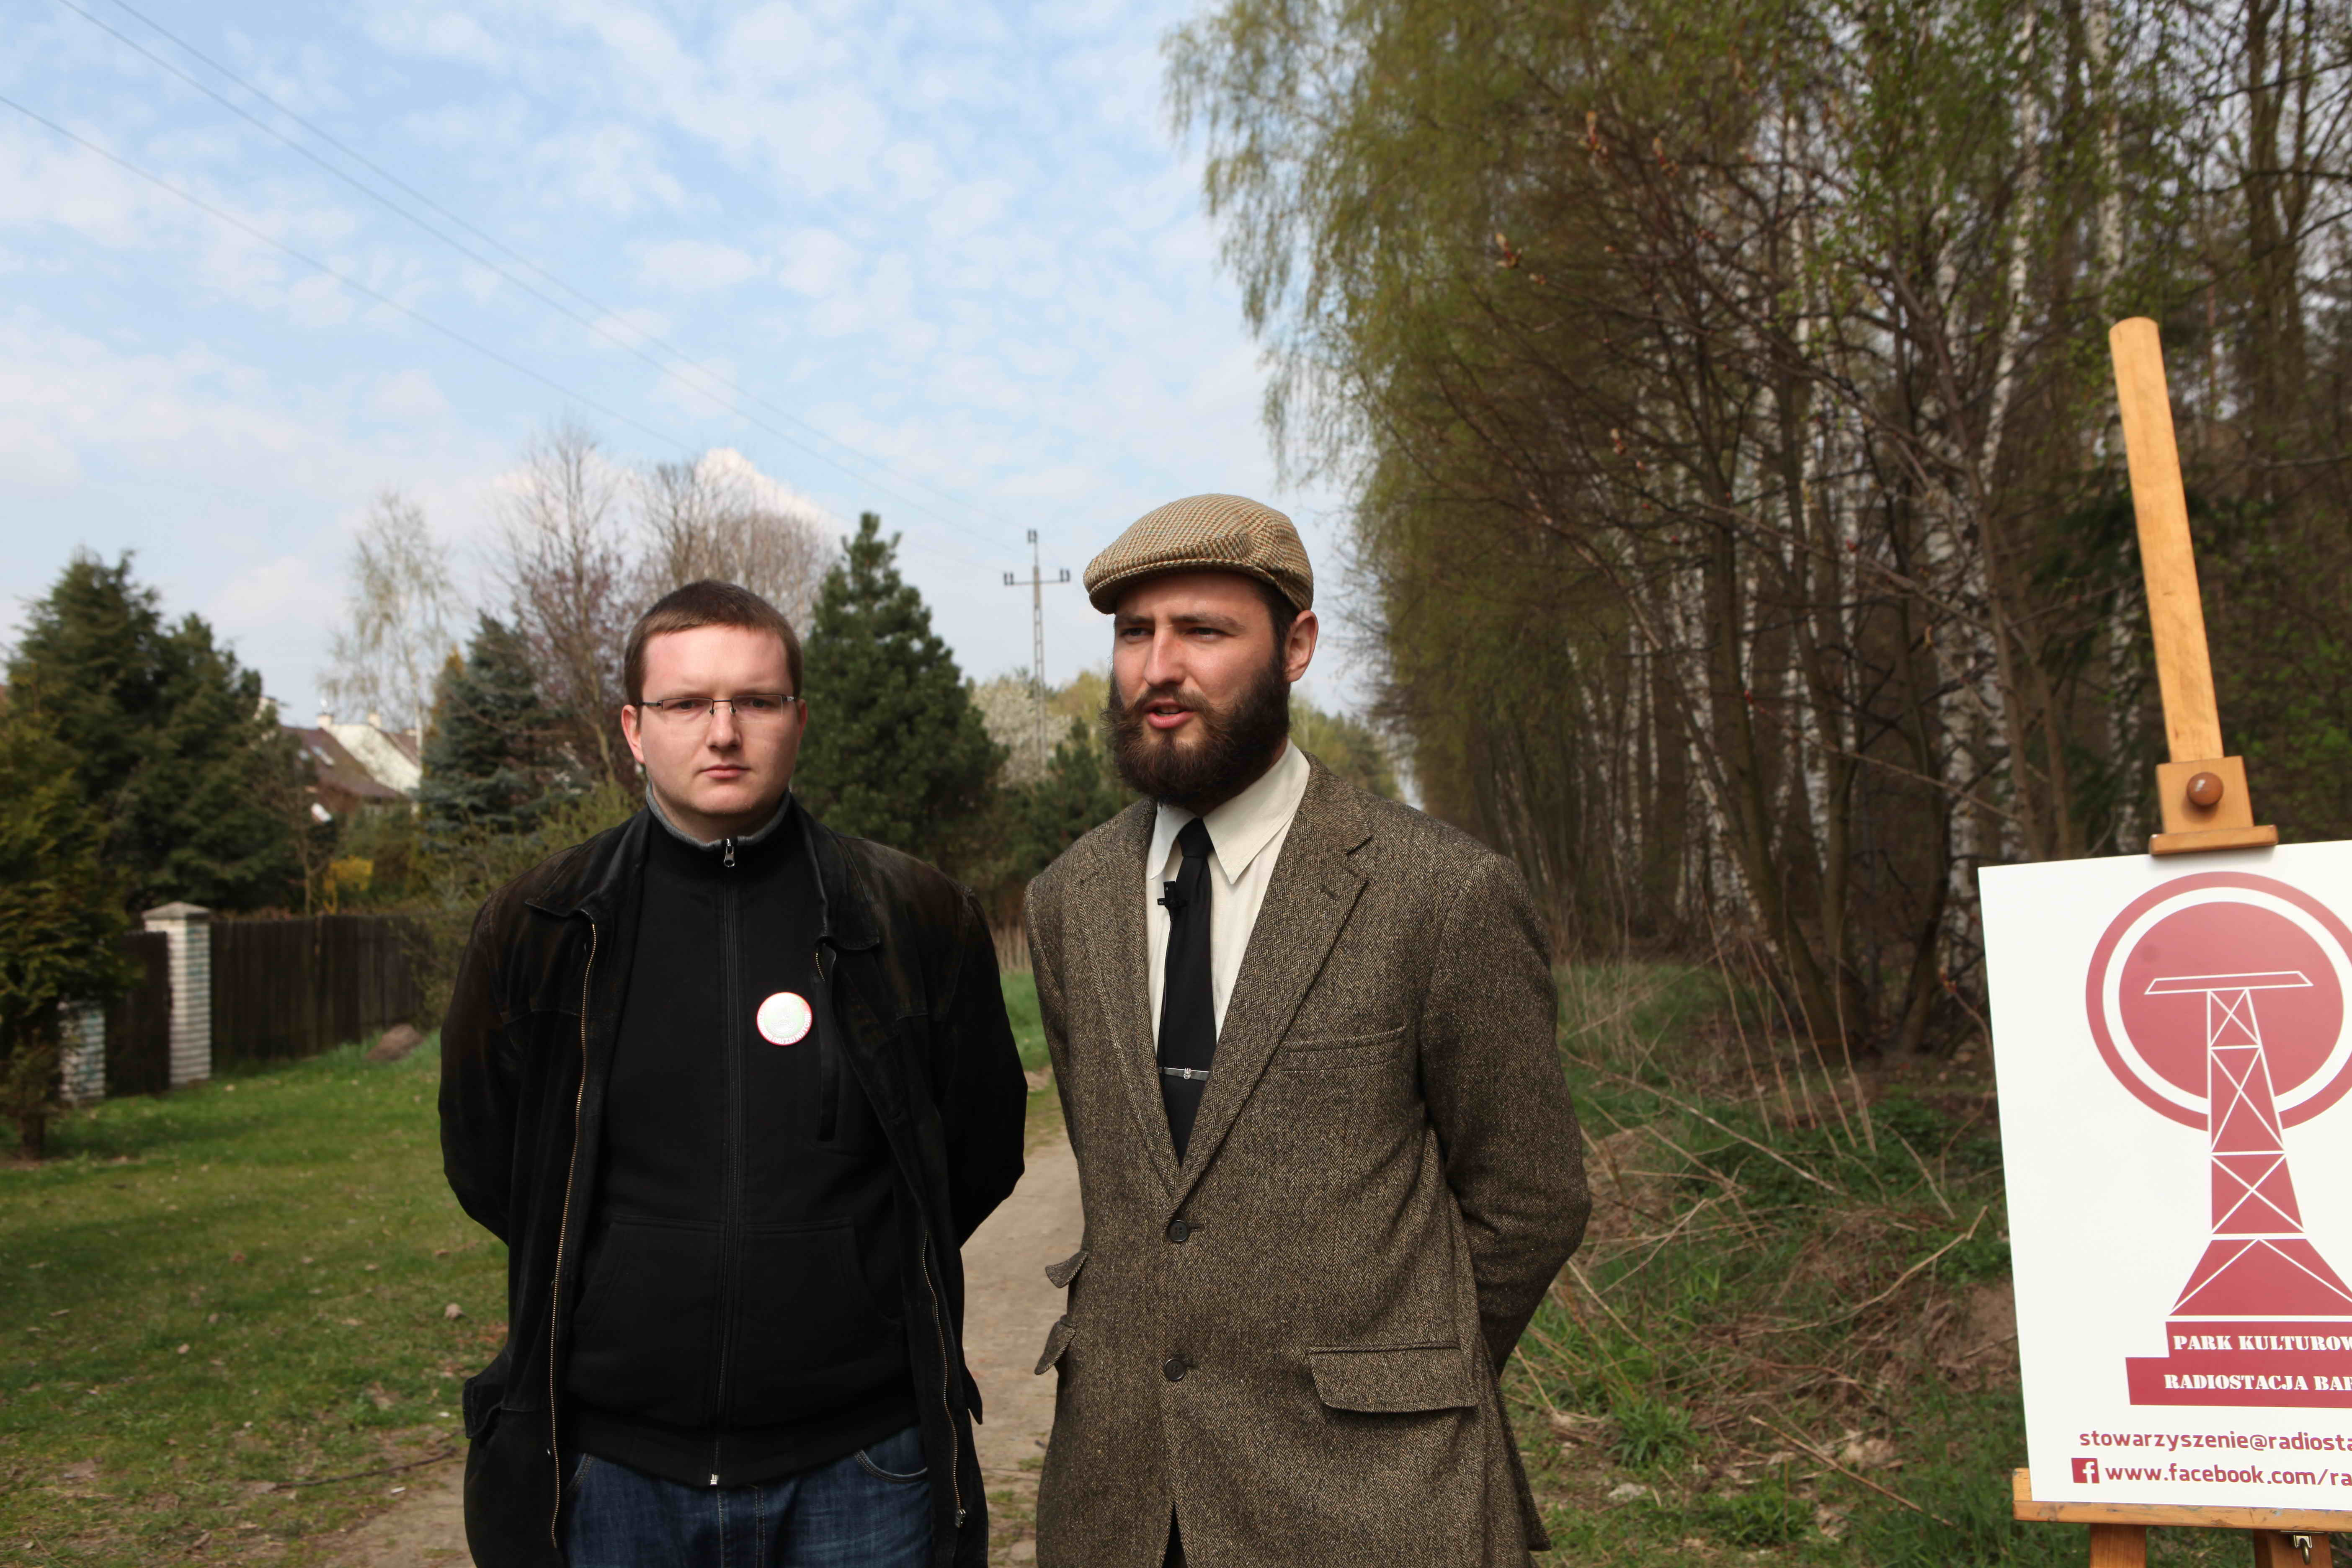 Jarek Chrapek i Bartek Kleczar, archeolodzy ze Stowarzyszenia Park Kulturowy Transatlantycka Radiotelegraficzna Centrala Nadawcza